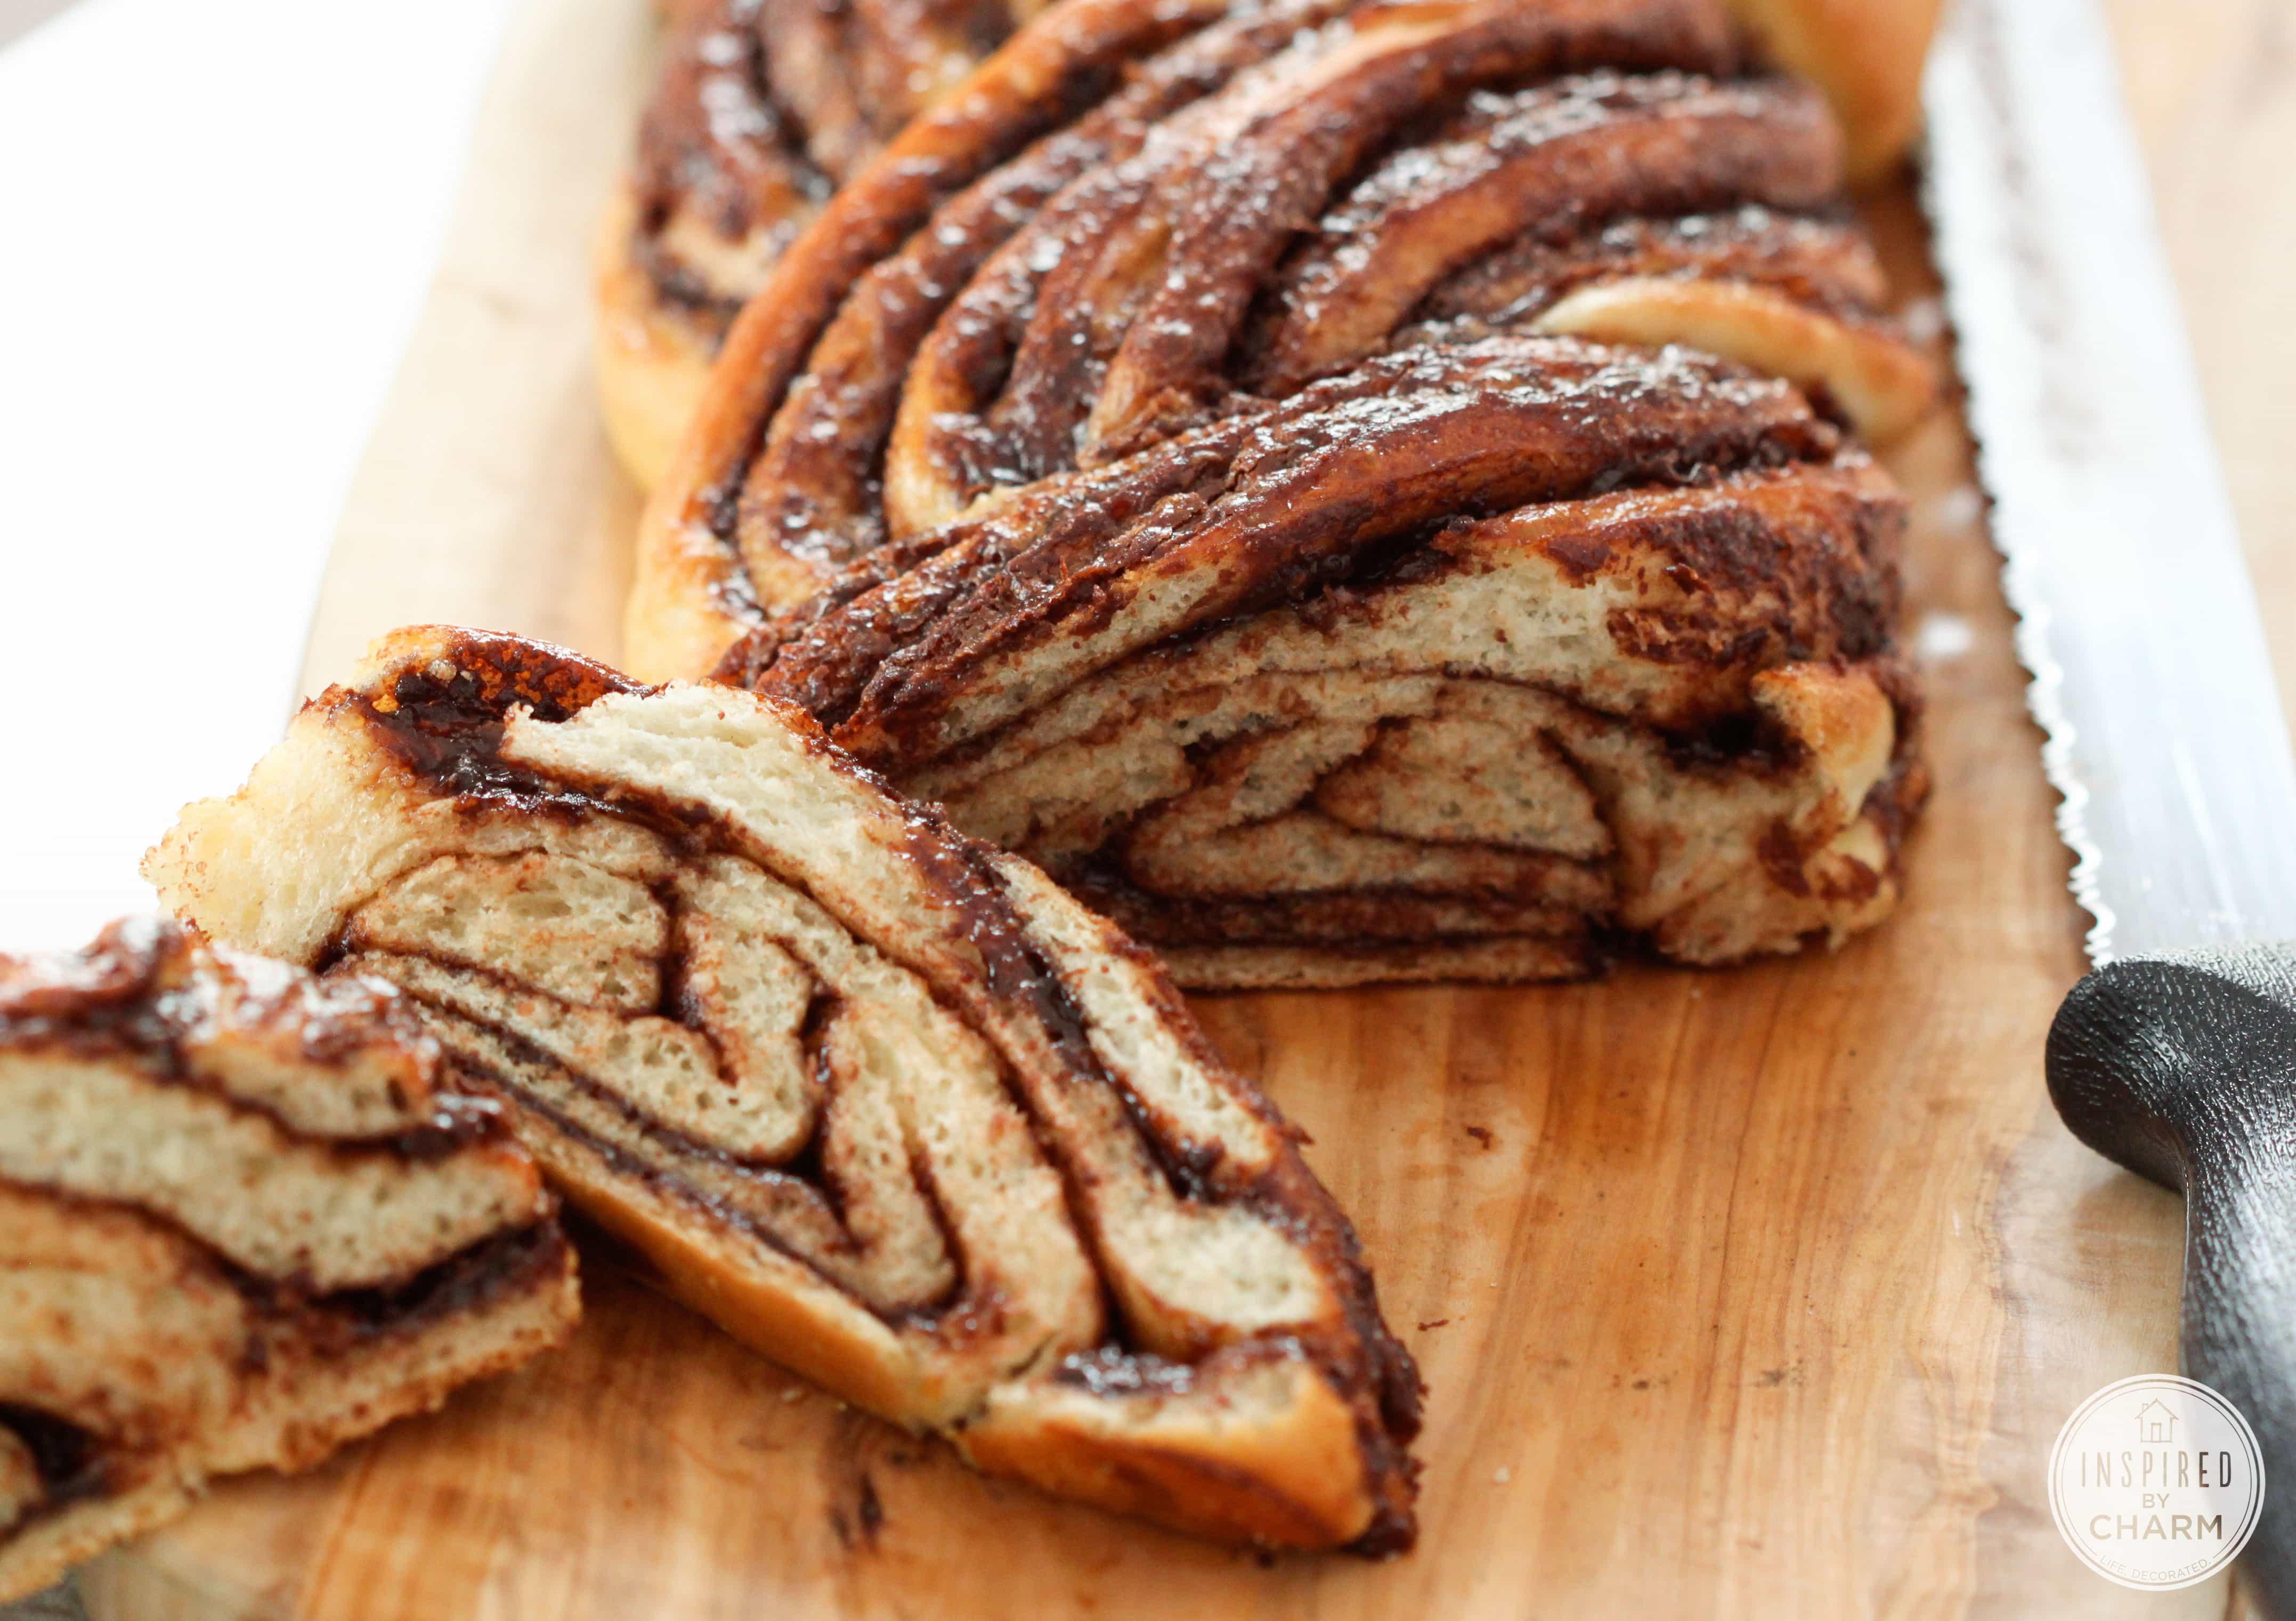 Braided Nutella Bread - beautiful and delicious recipe!